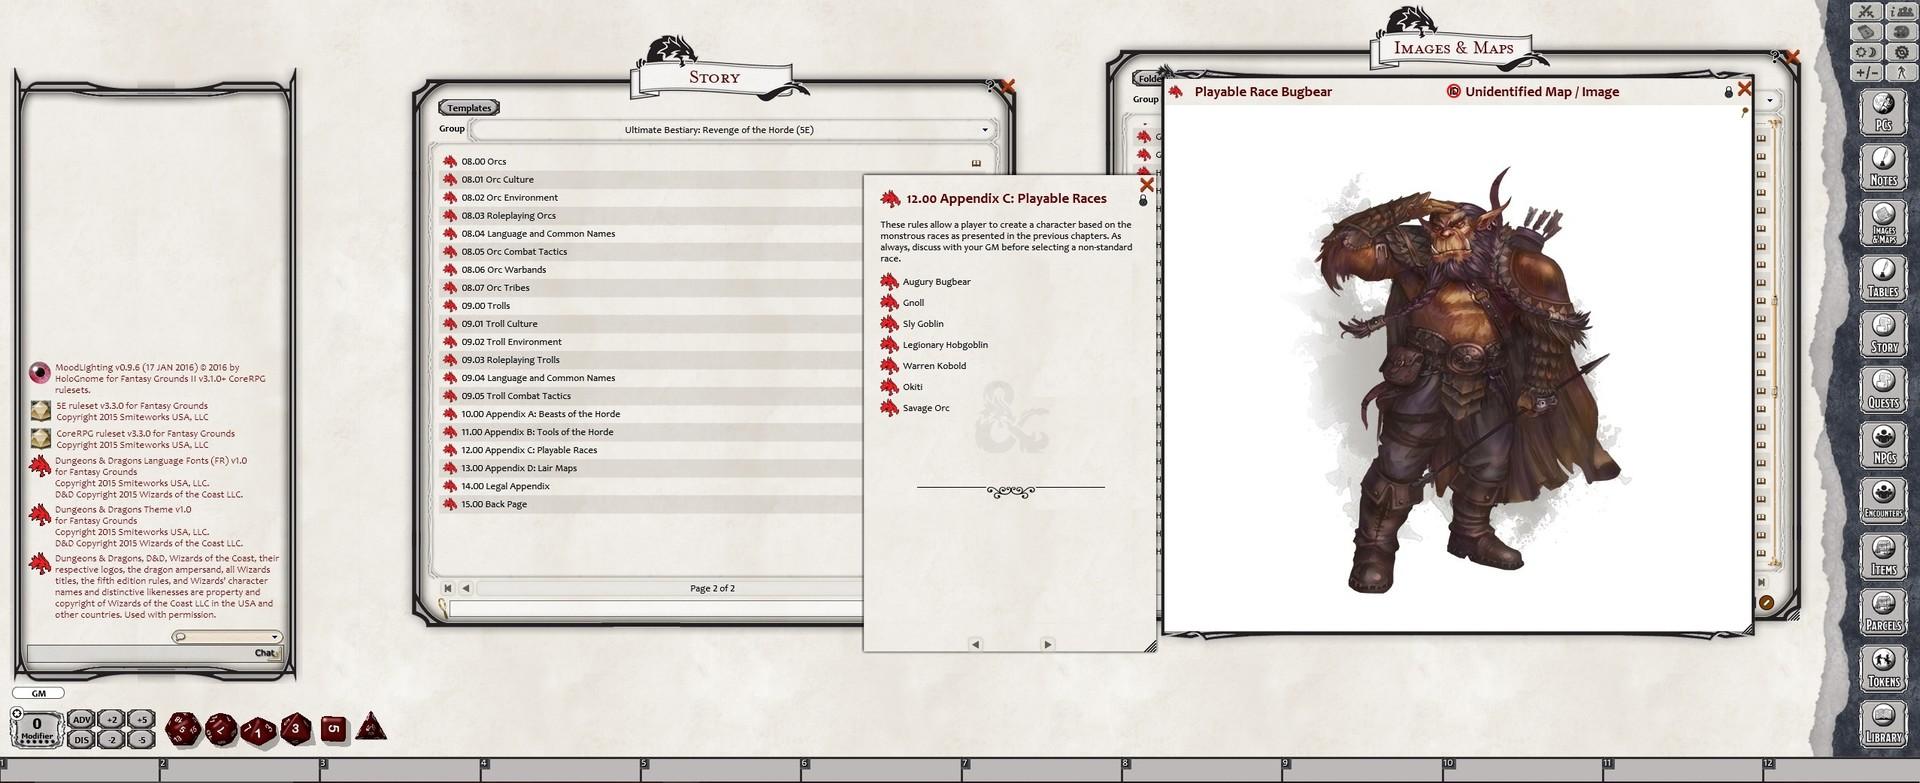 Fantasy Grounds - Ultimate Bestiary: Revenge of the Horde (5E)